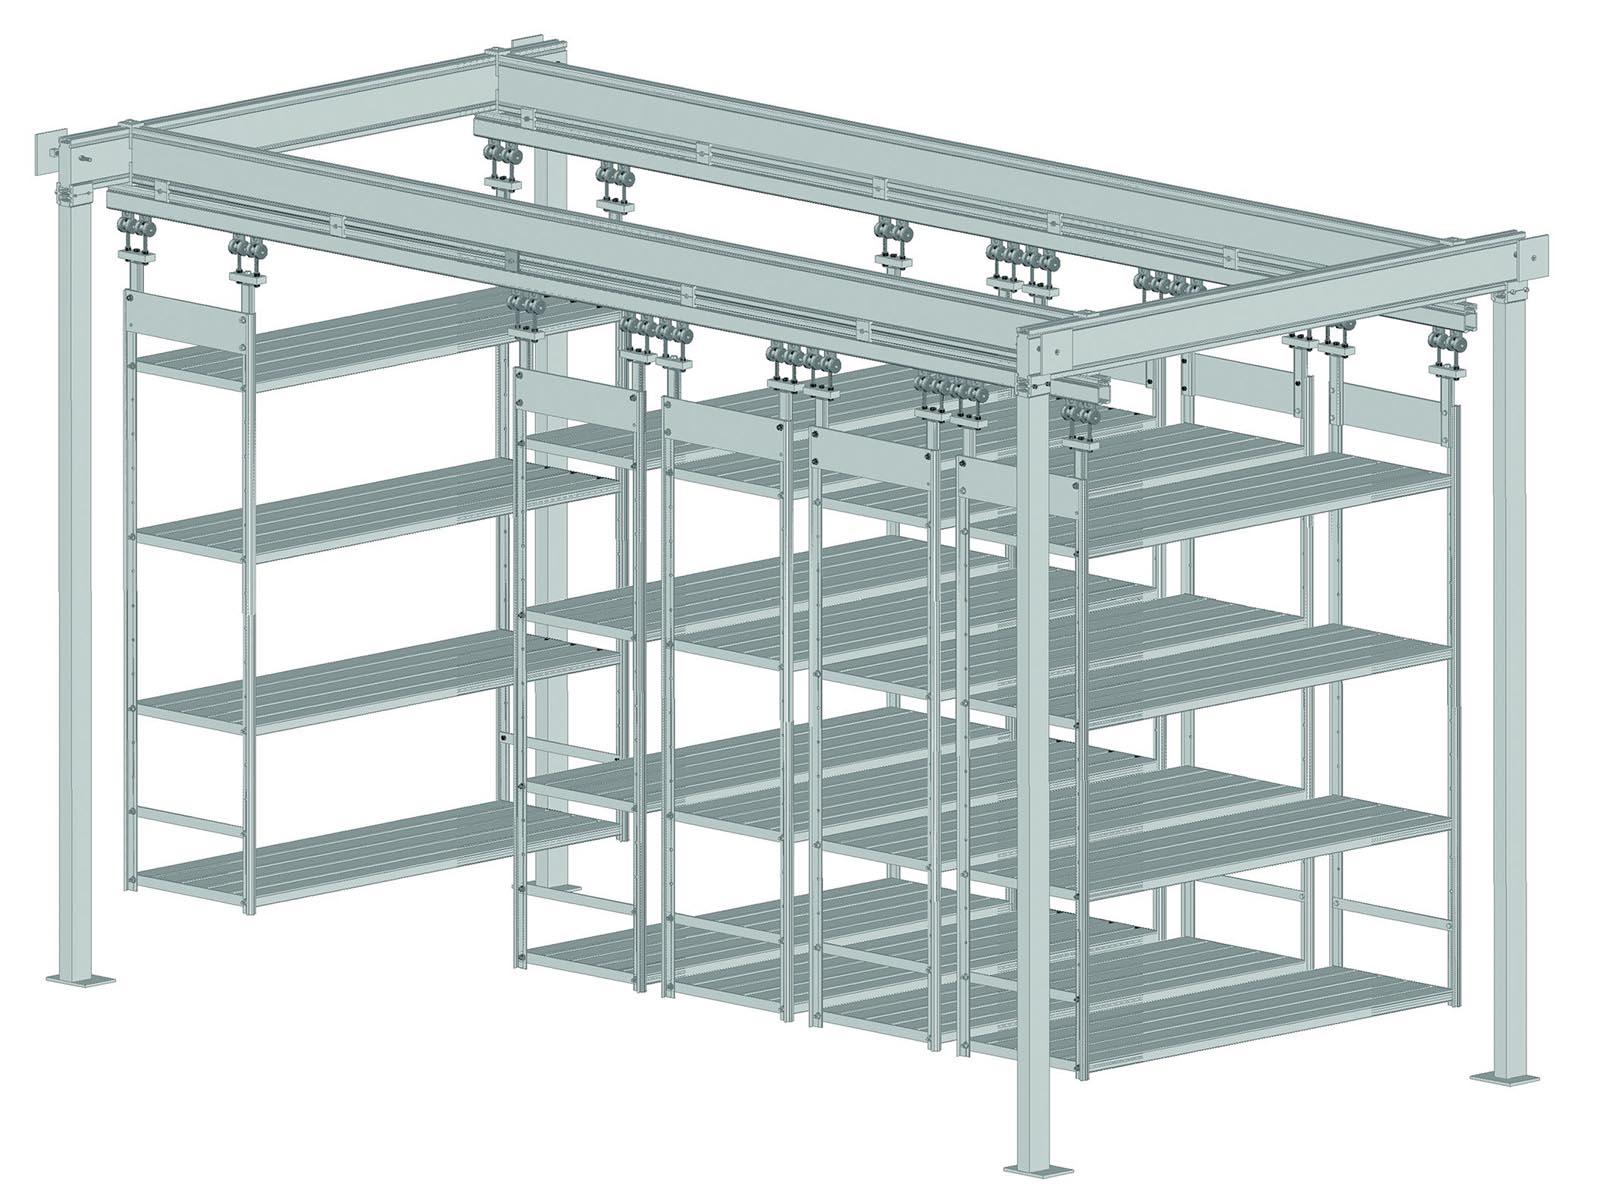 esempio di scaffalatura aerea modulare su montanti